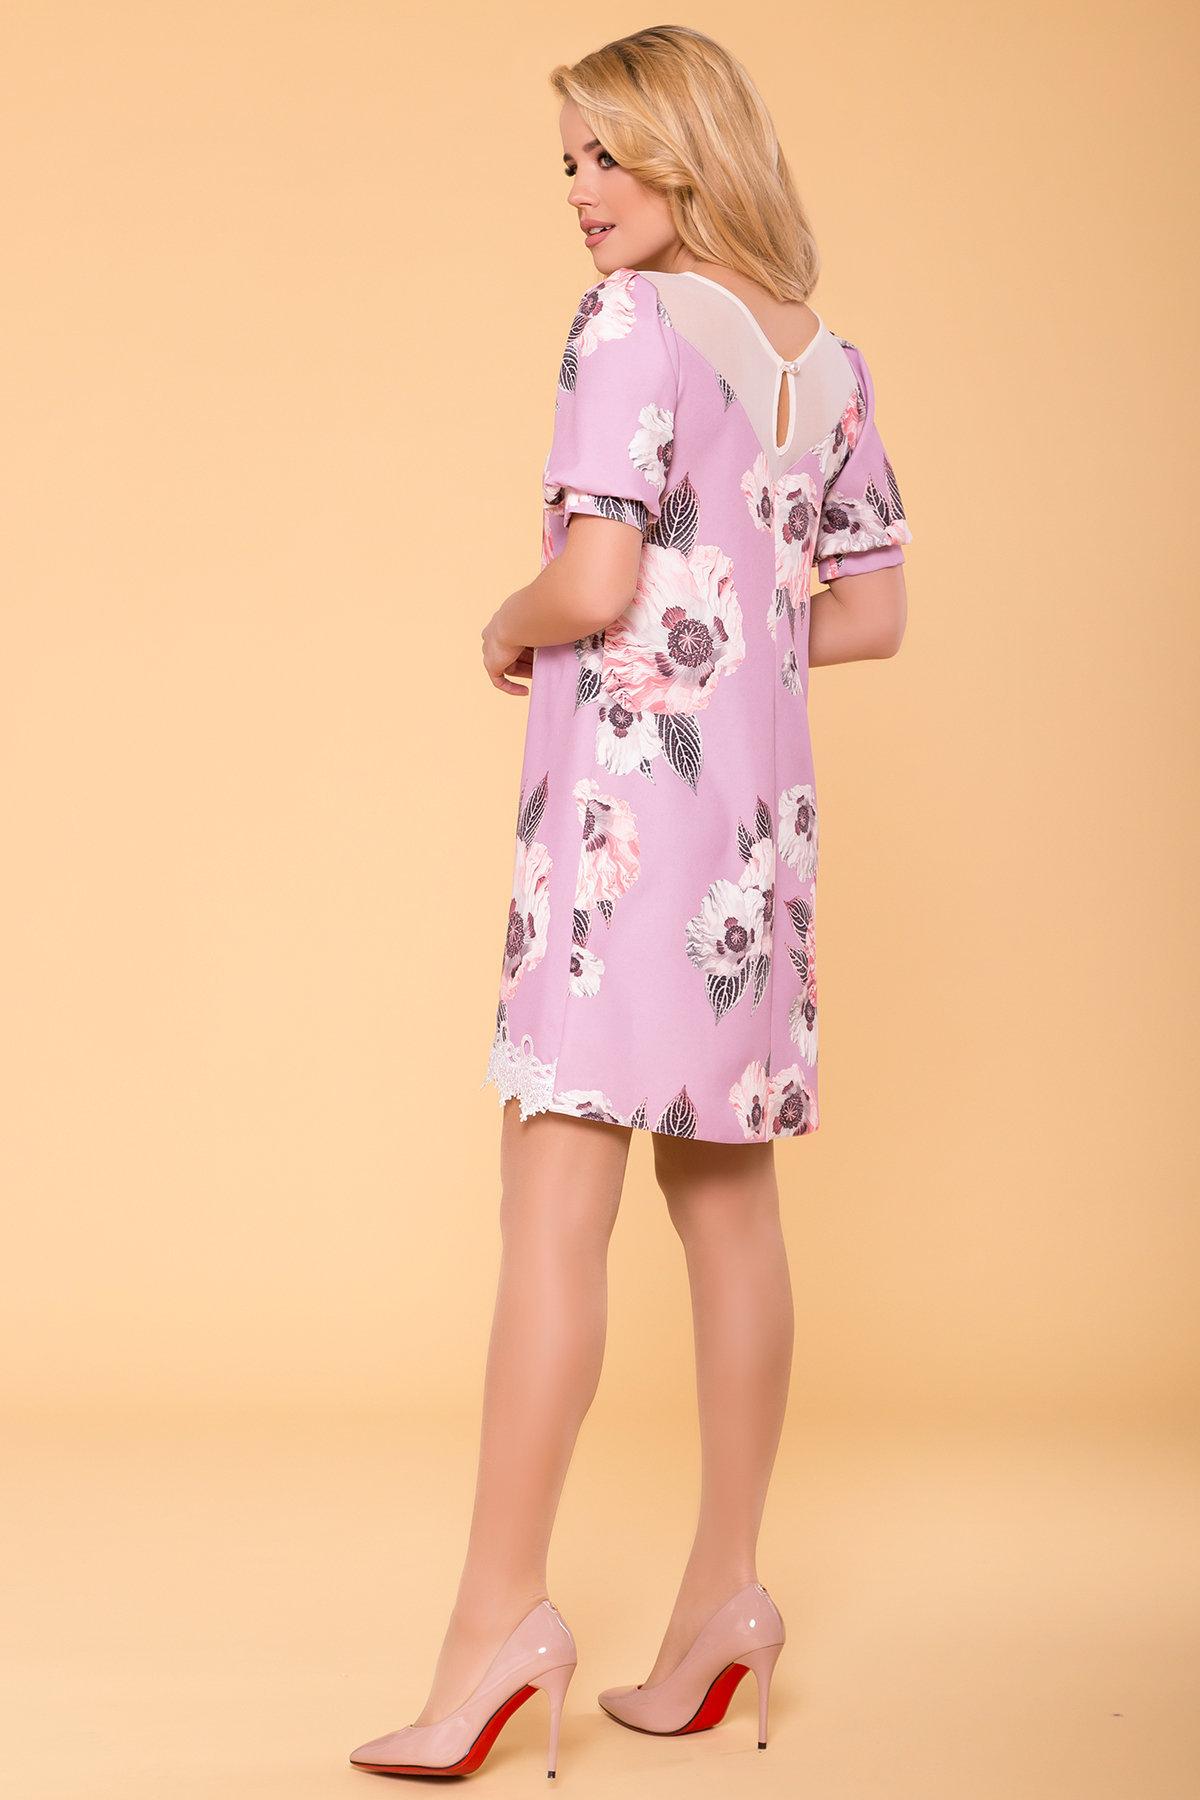 Платье Алексис 6752 АРТ. 41840 Цвет: цветы пудра темная - фото 2, интернет магазин tm-modus.ru